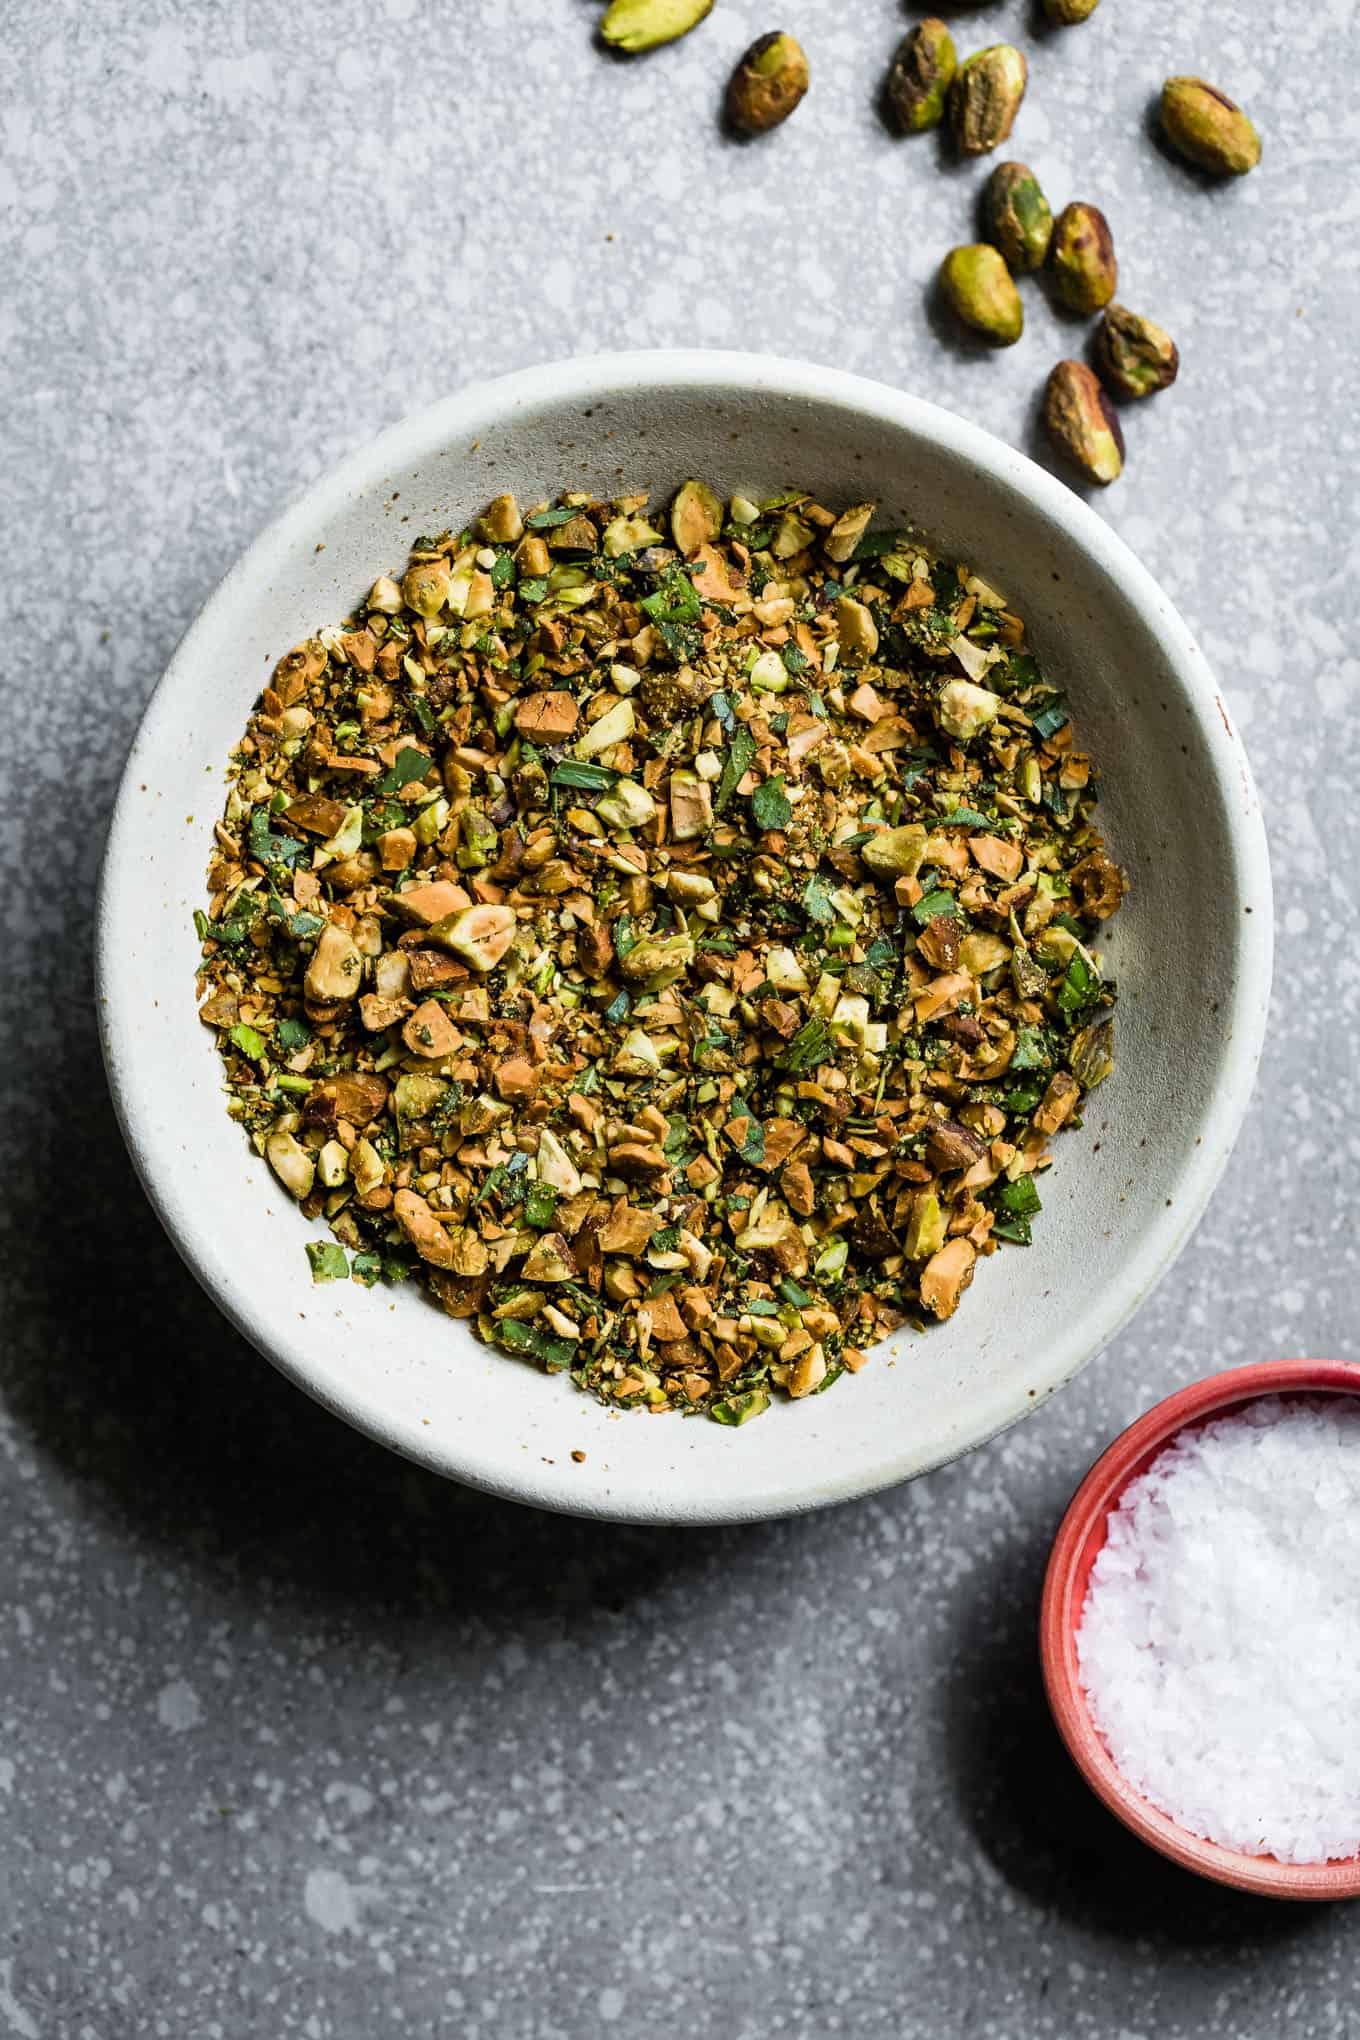 Herbed Pistachio Crumble